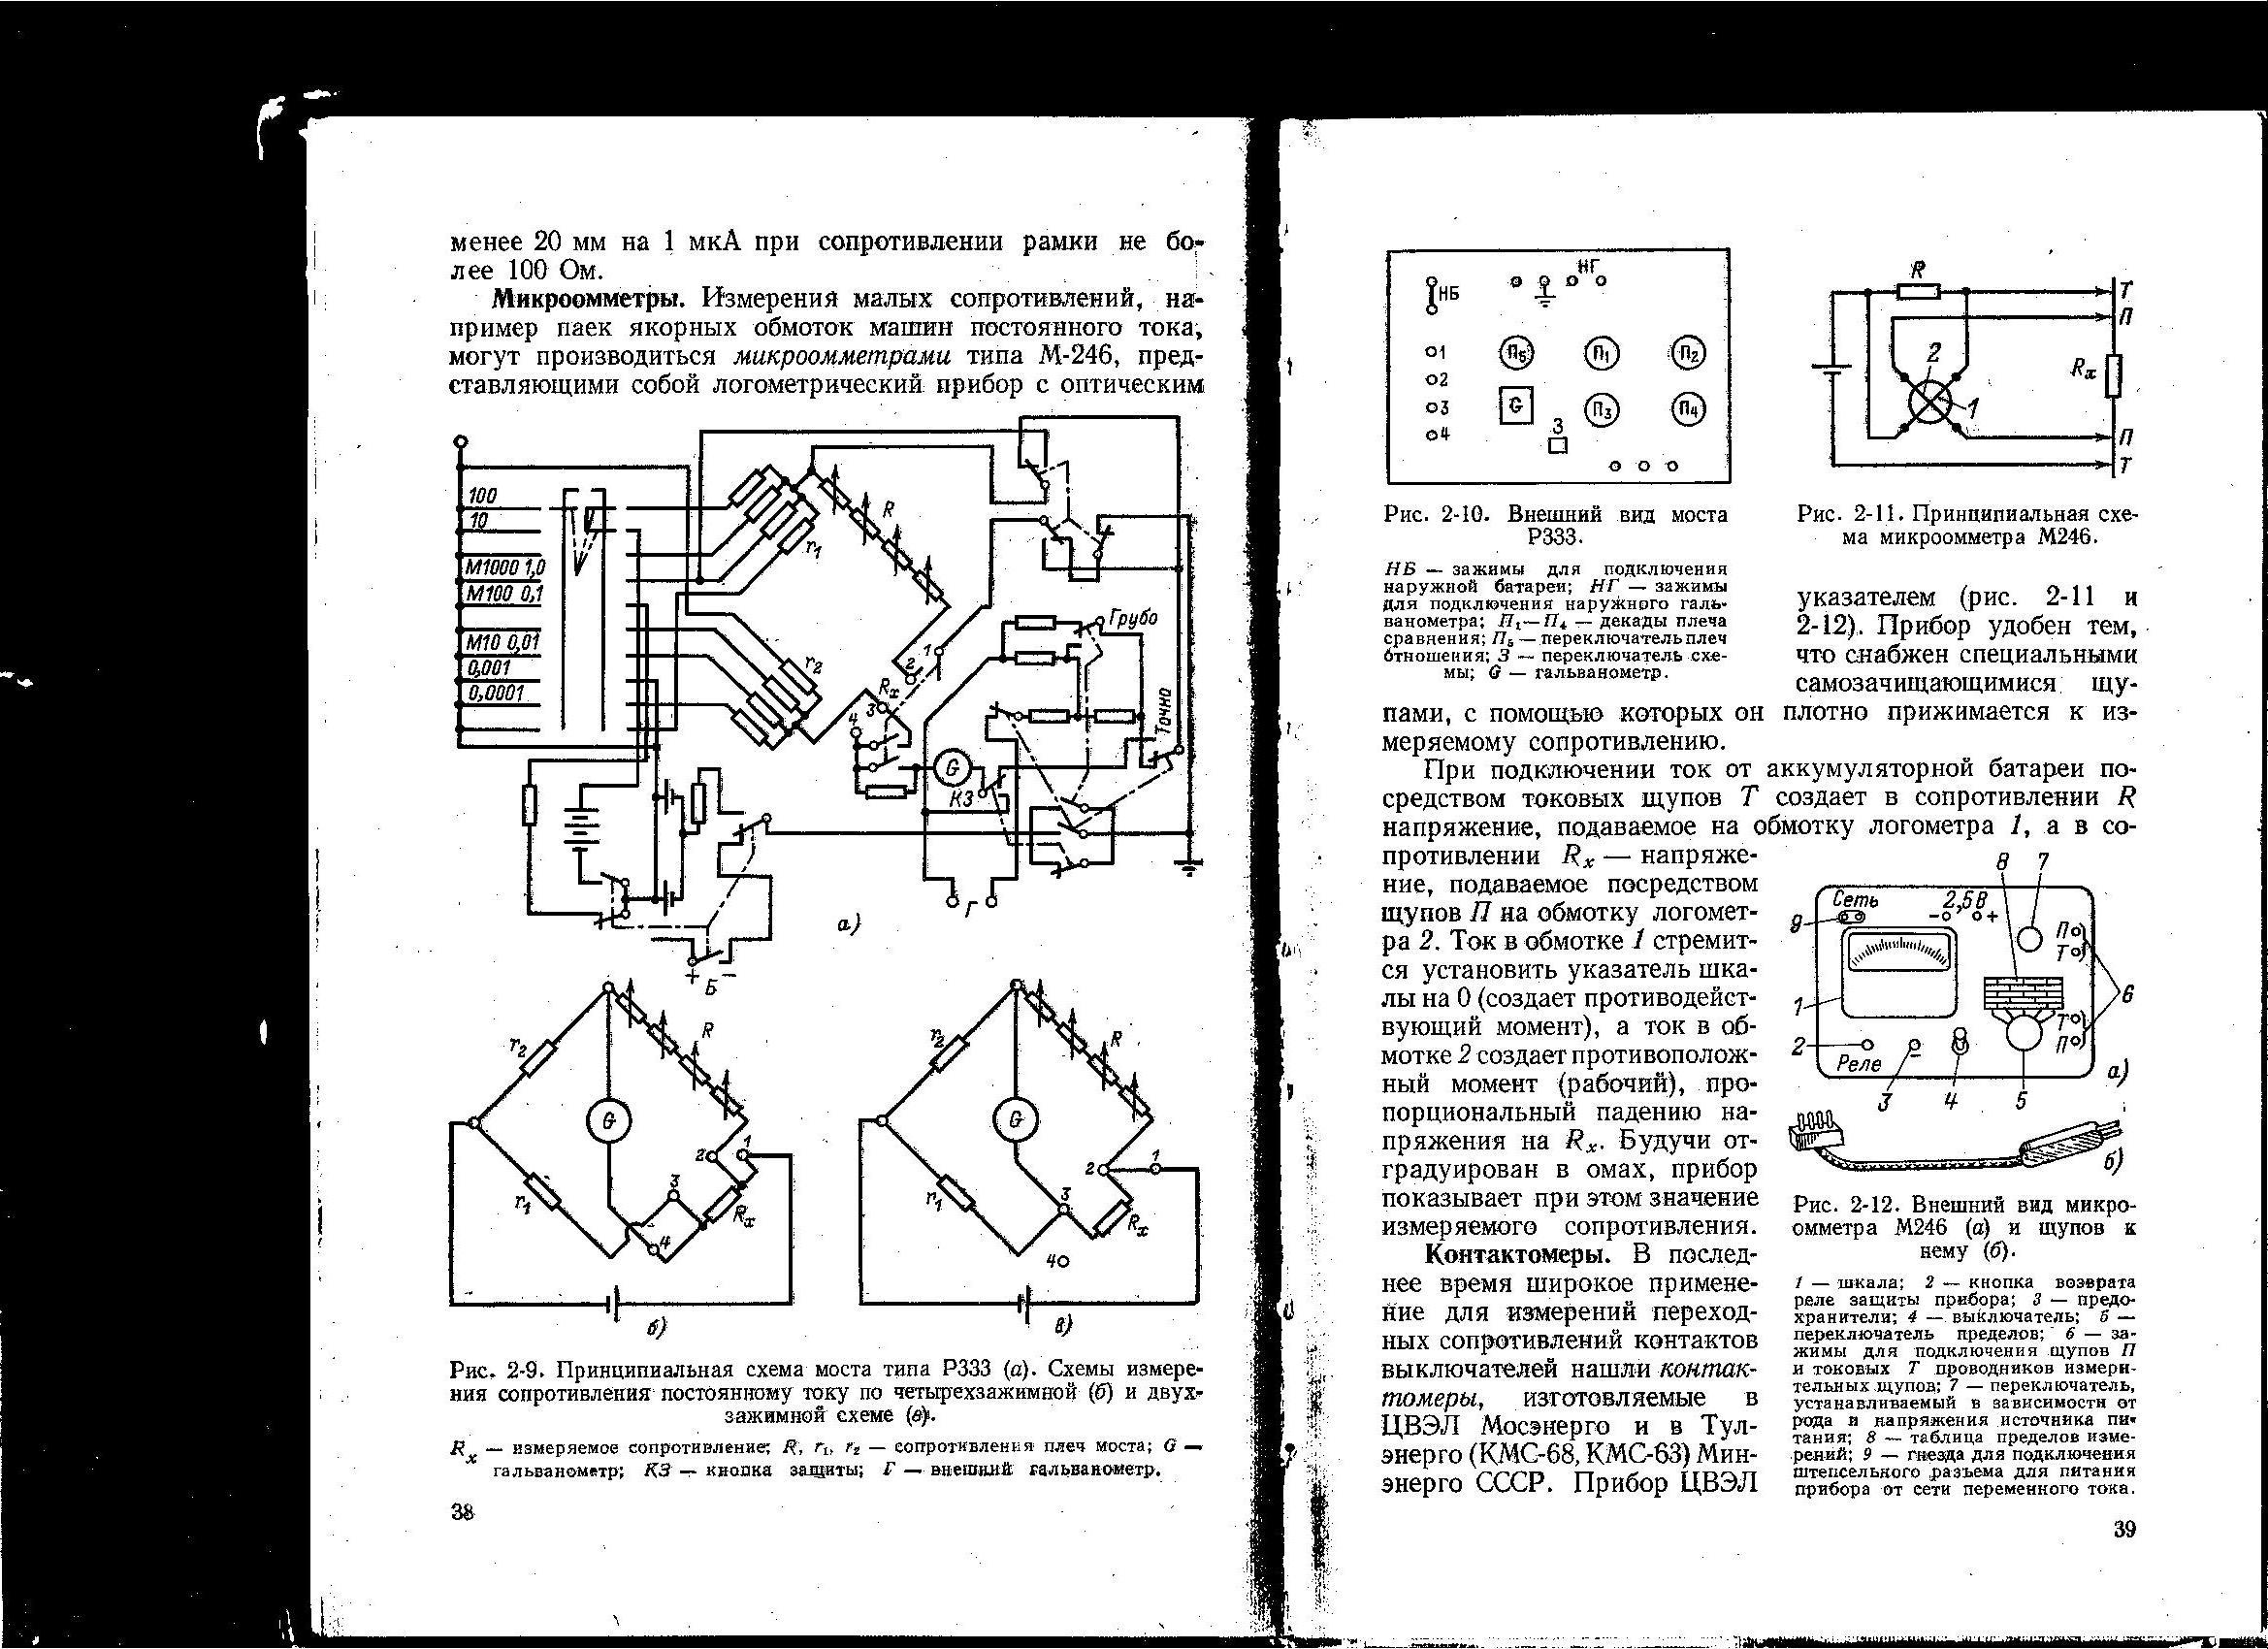 Р333 вид панели прибора